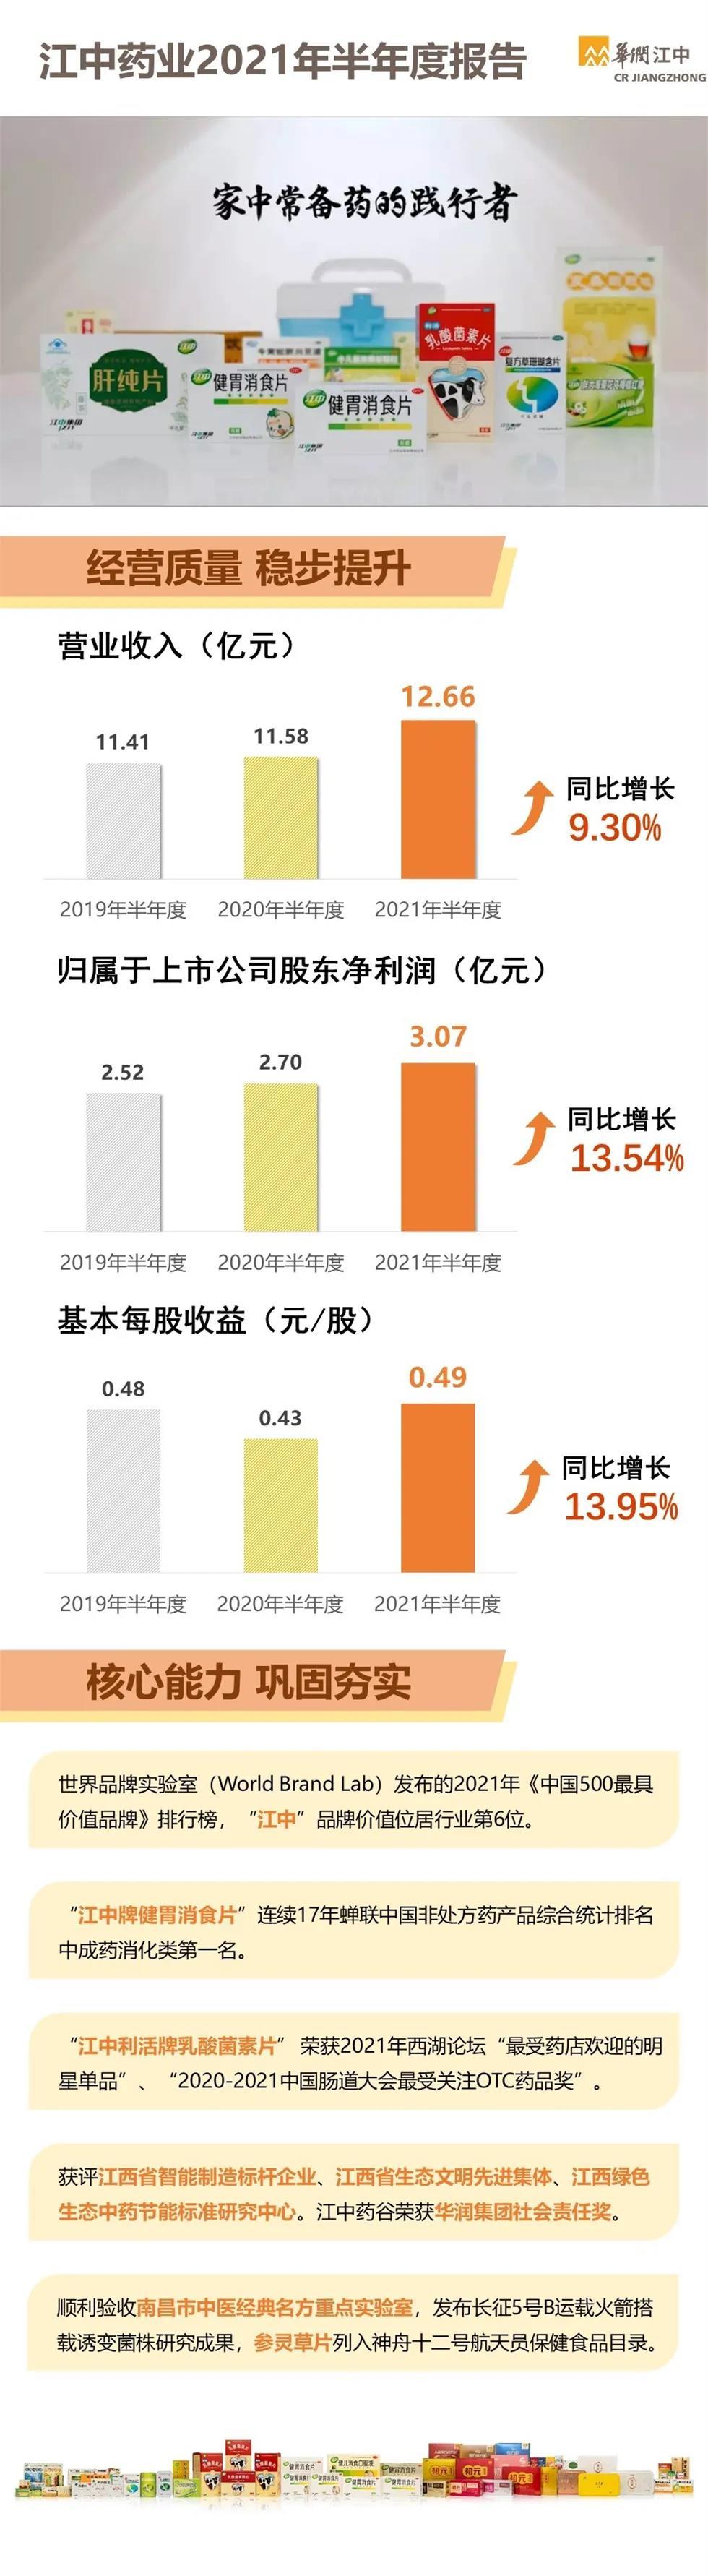 【一图看懂】江中药业发布2021年半年度报告.jpg